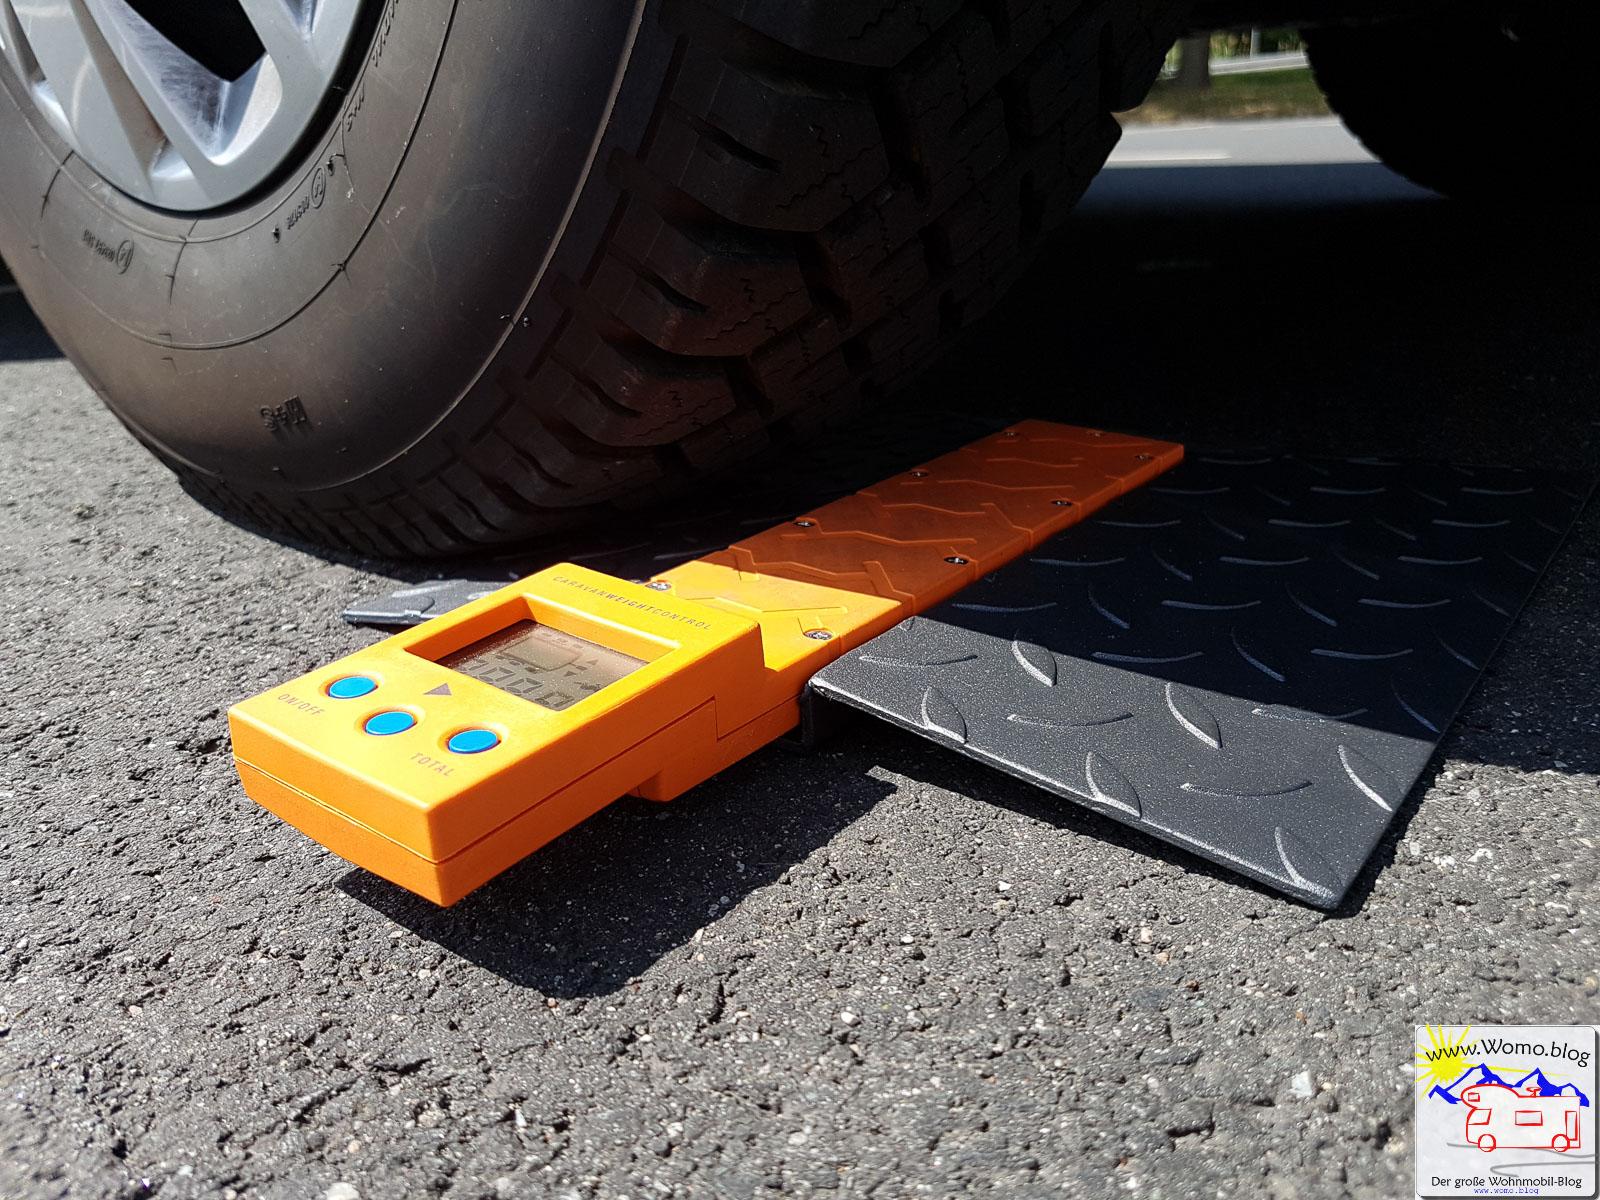 Wohnmobil – Auflasten? Wenn man zu schwer wird › Womo.blog